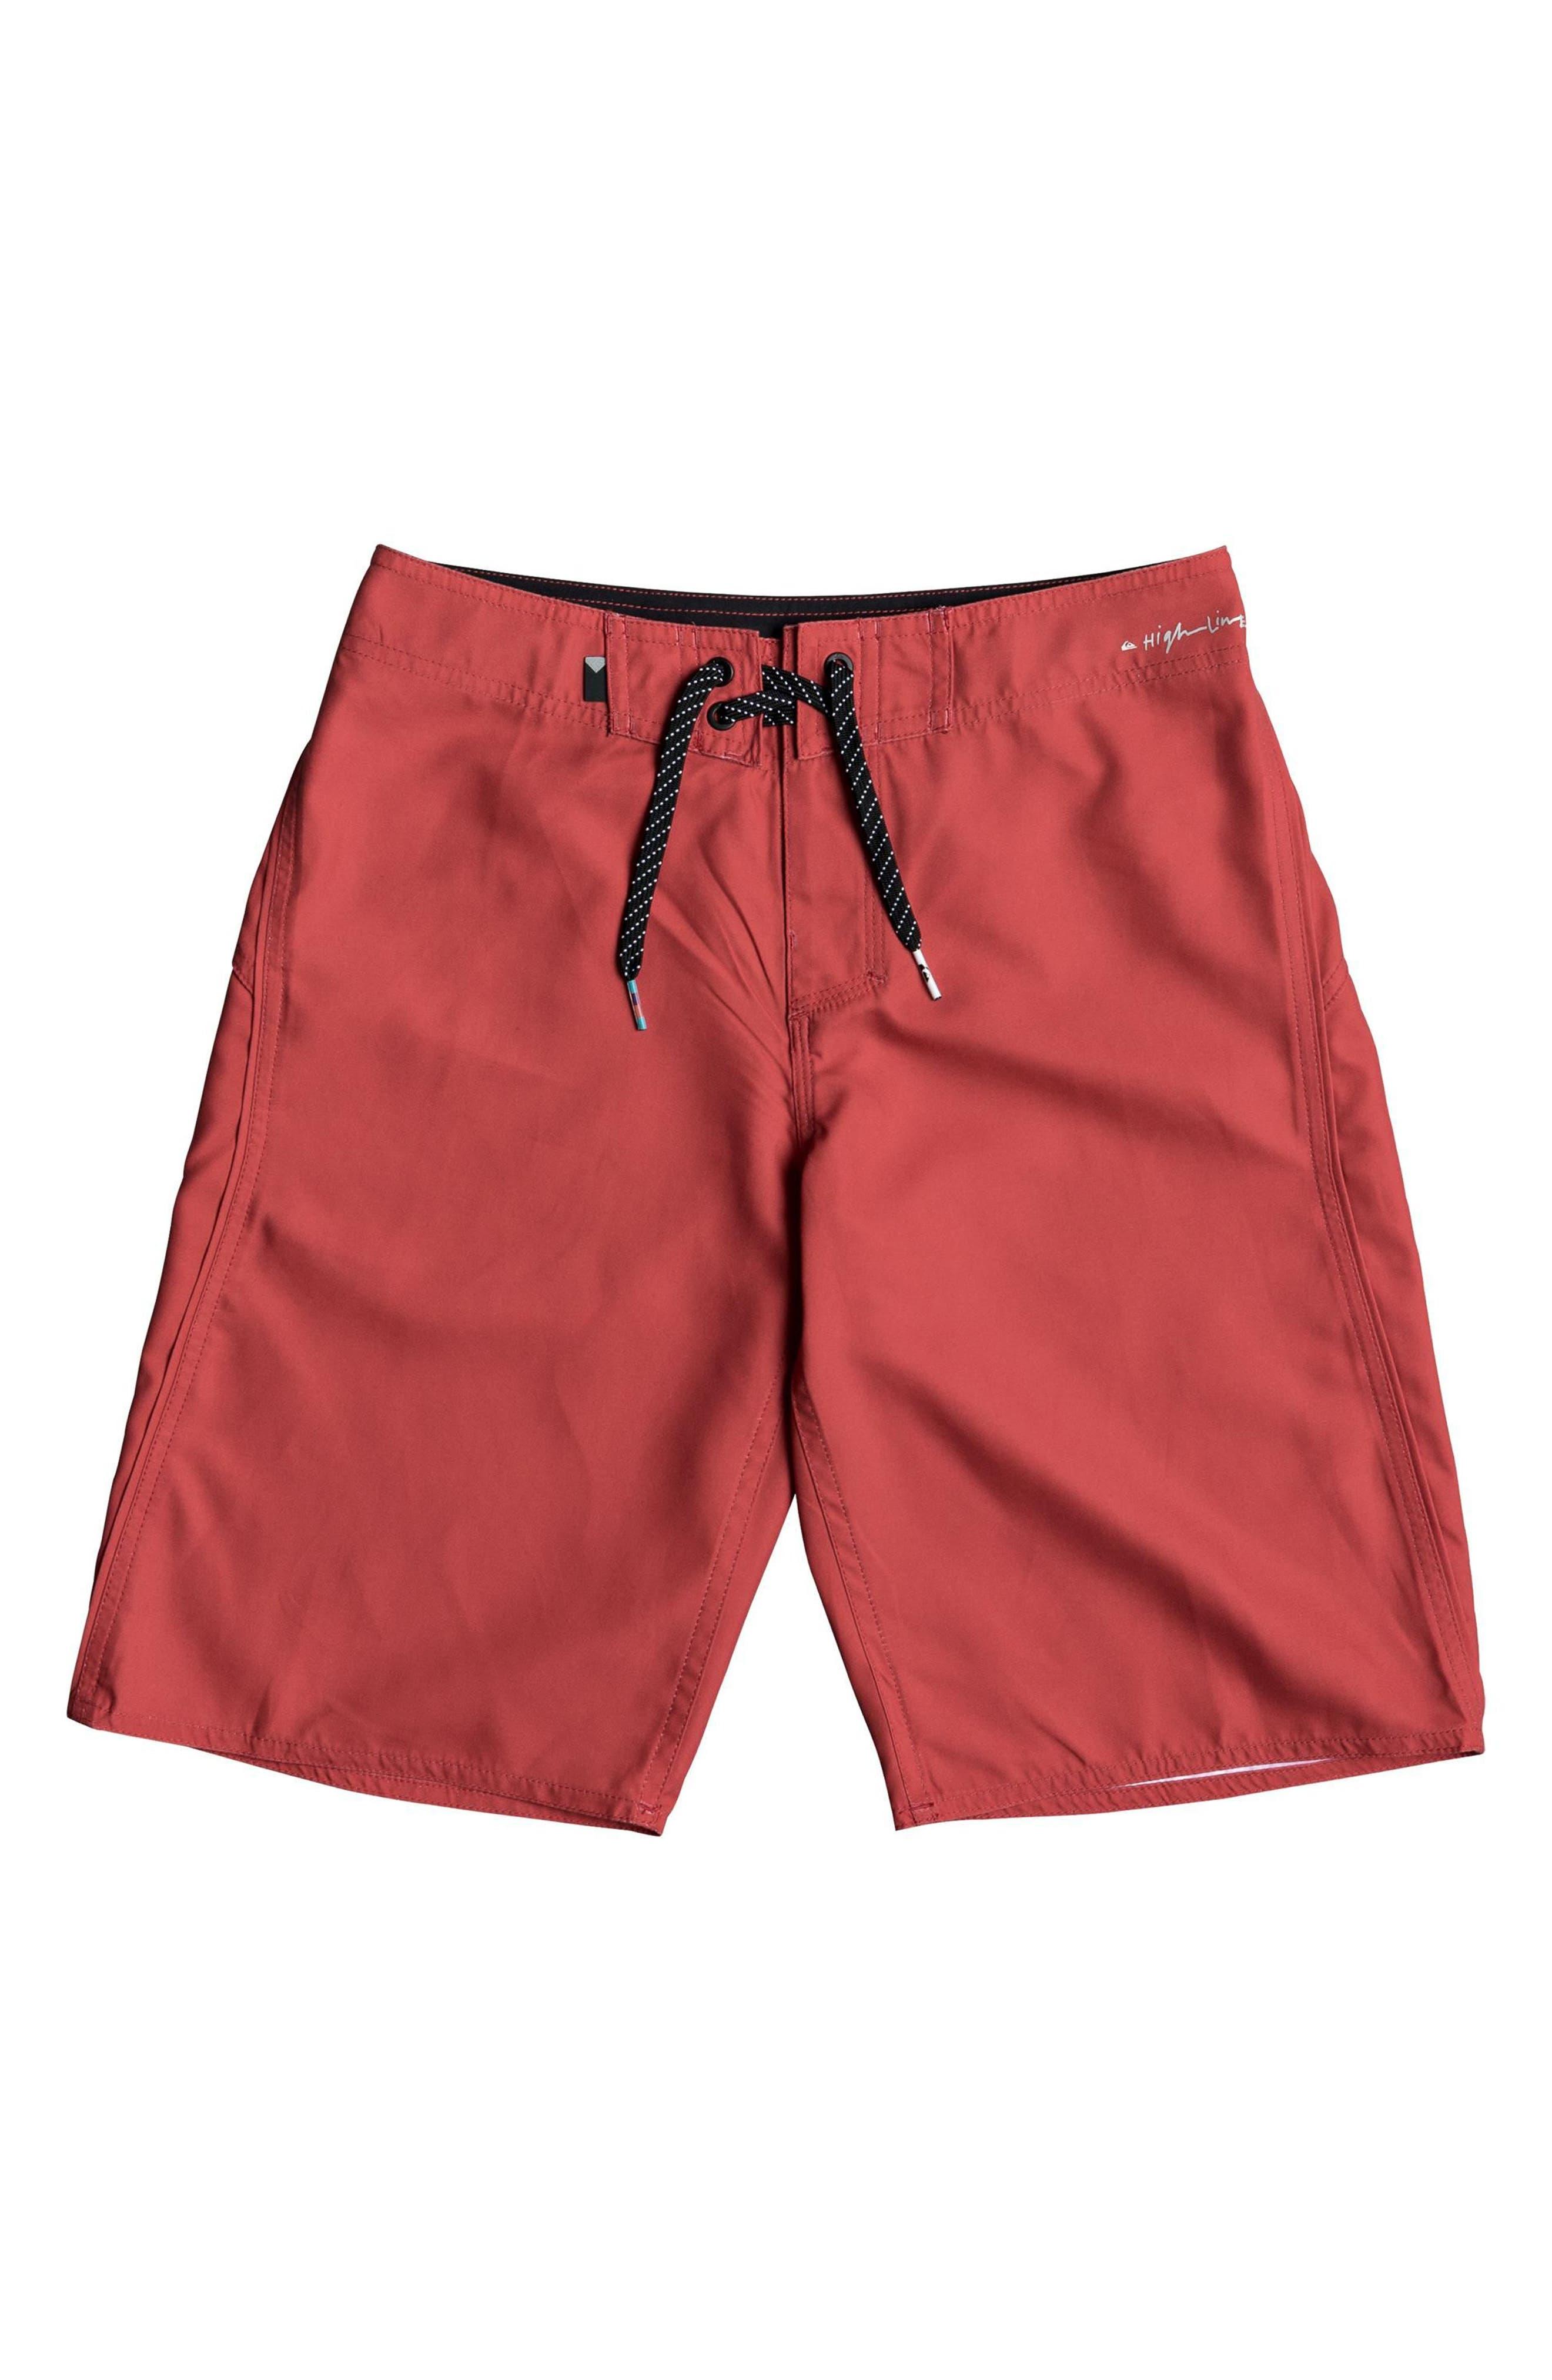 Highline Kaimana Board Shorts,                             Main thumbnail 1, color,                             Red